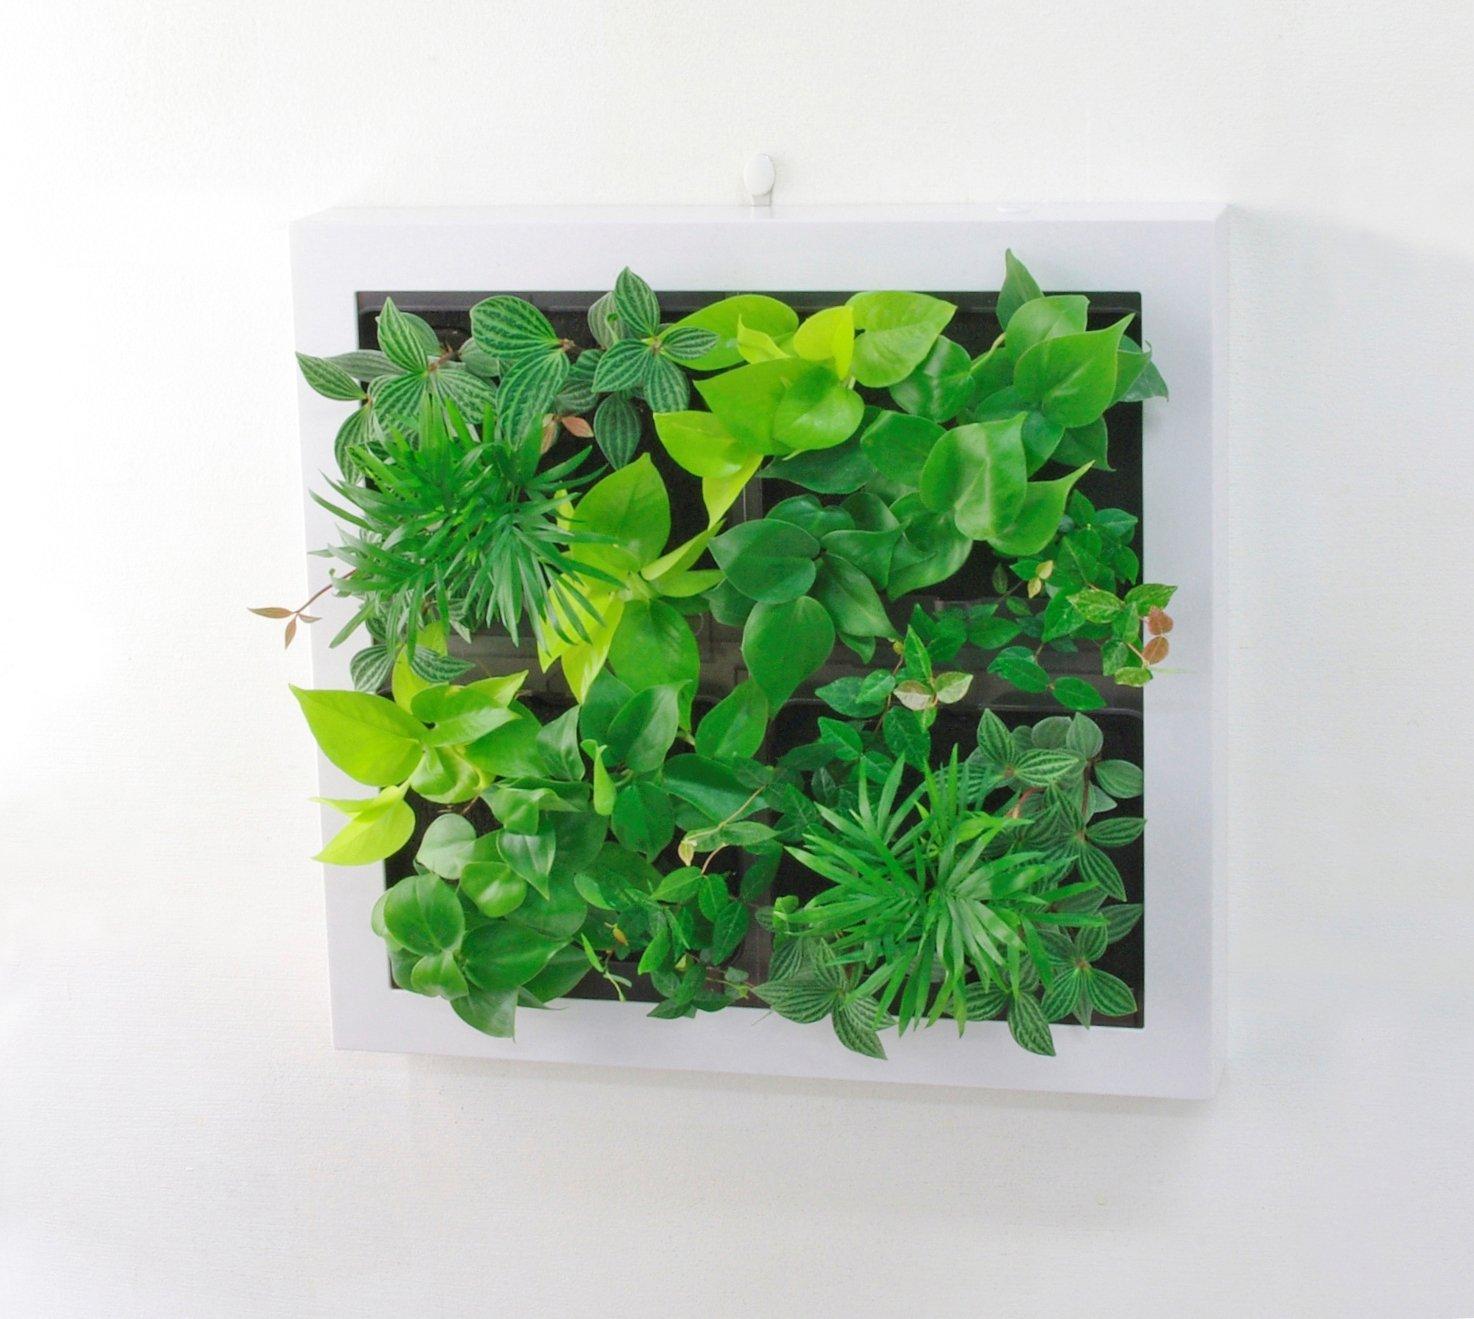 ミドリエ GREET グリート 観葉植物 インテリアグリーン ホワイトーB B0152PDQEO